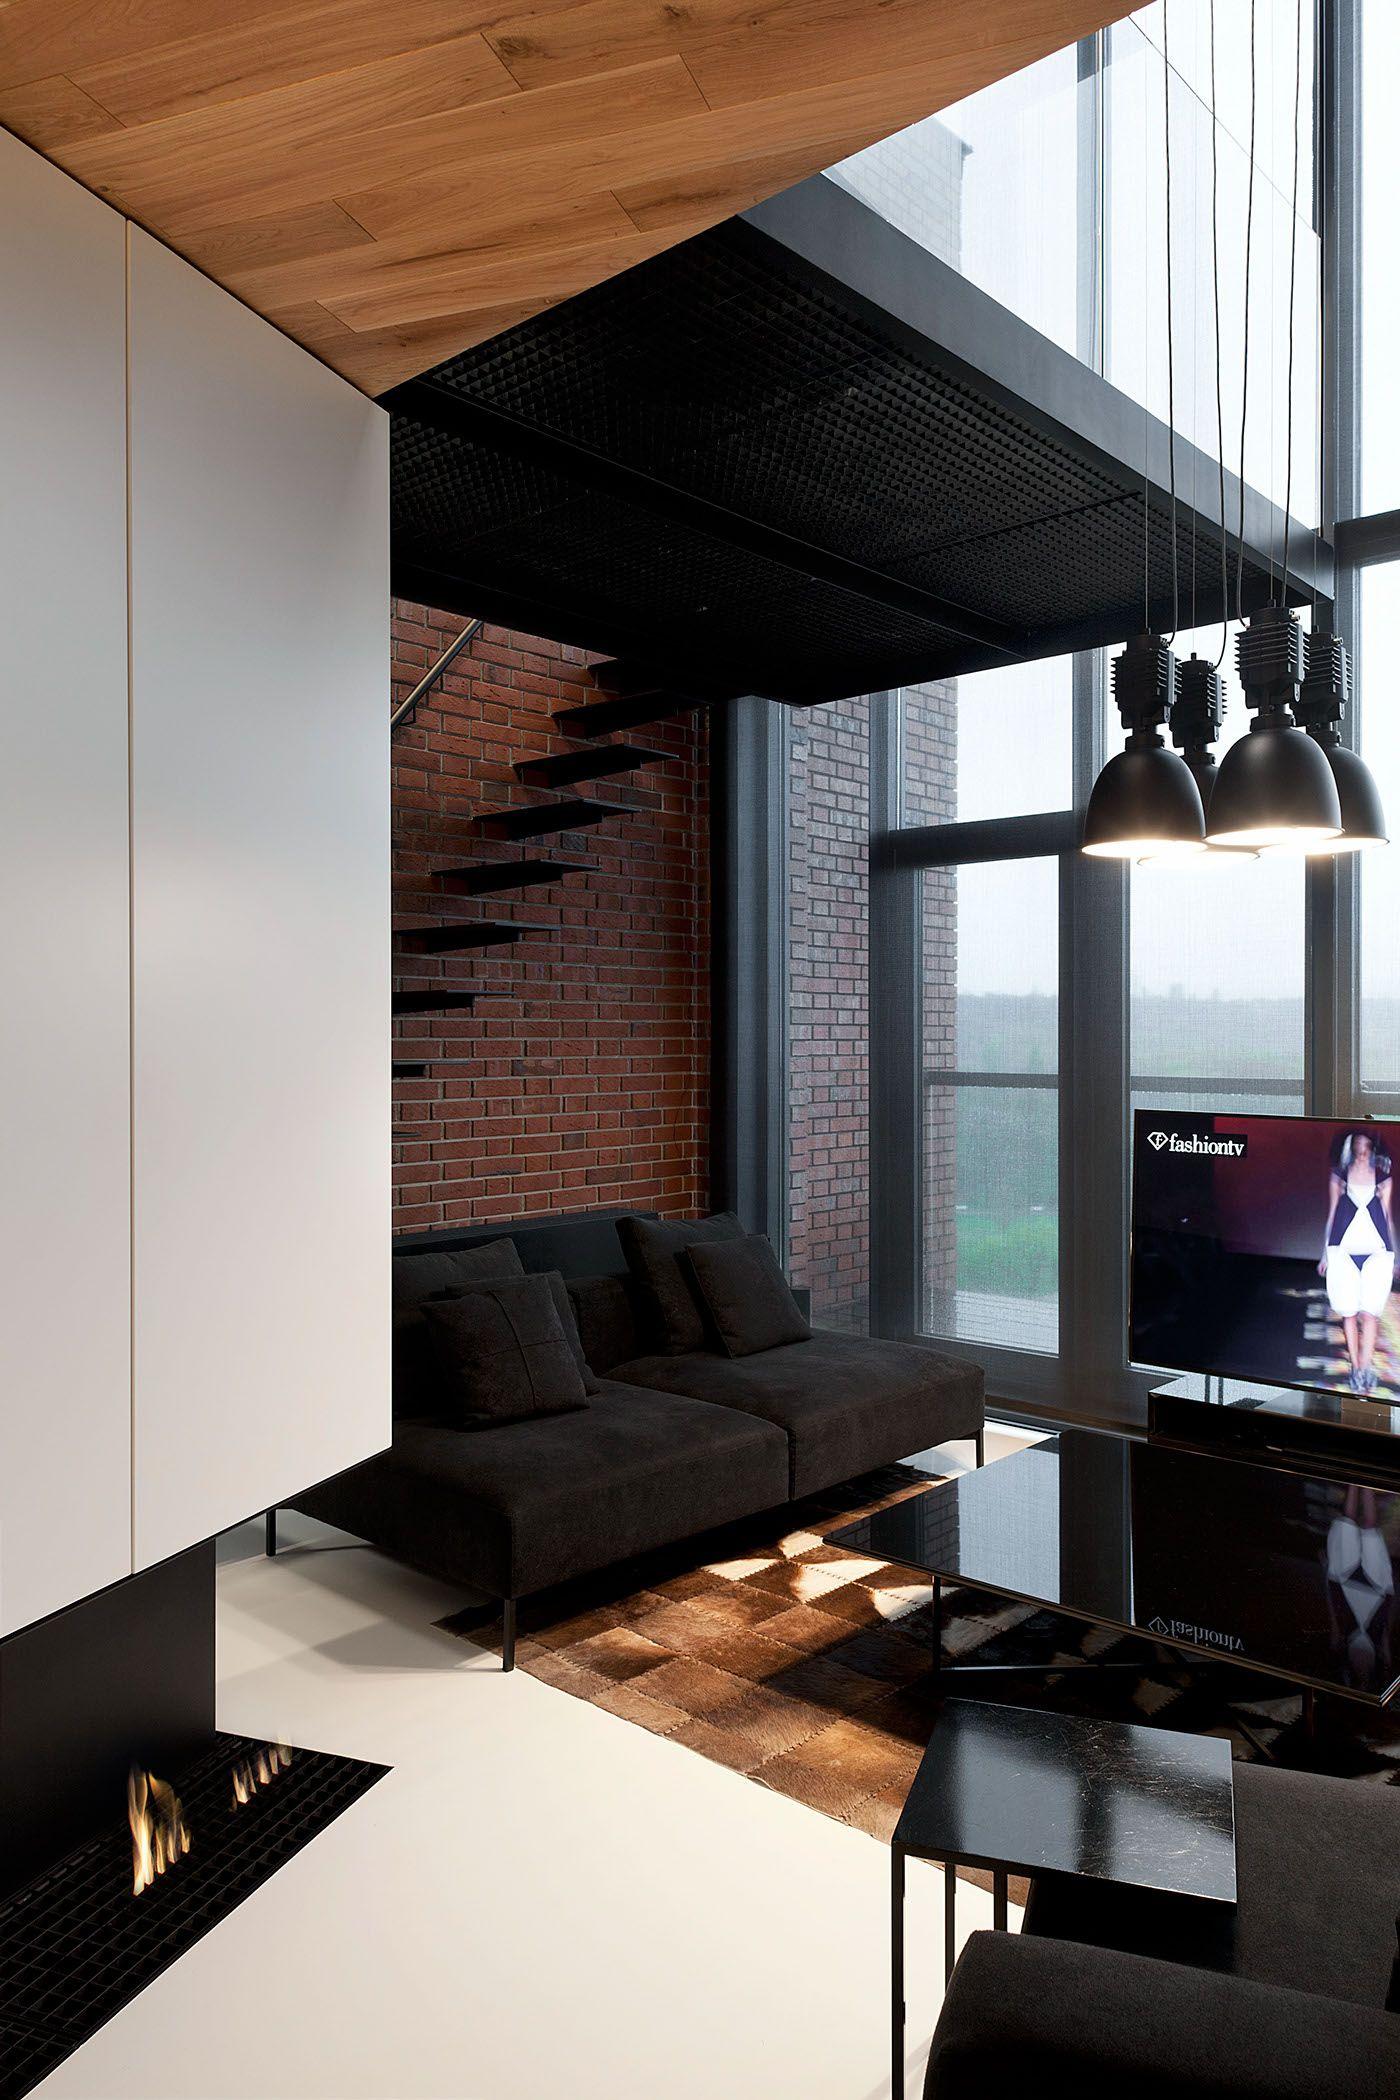 brickjust interior ideas | just interior design ideas | home, Innenarchitektur ideen